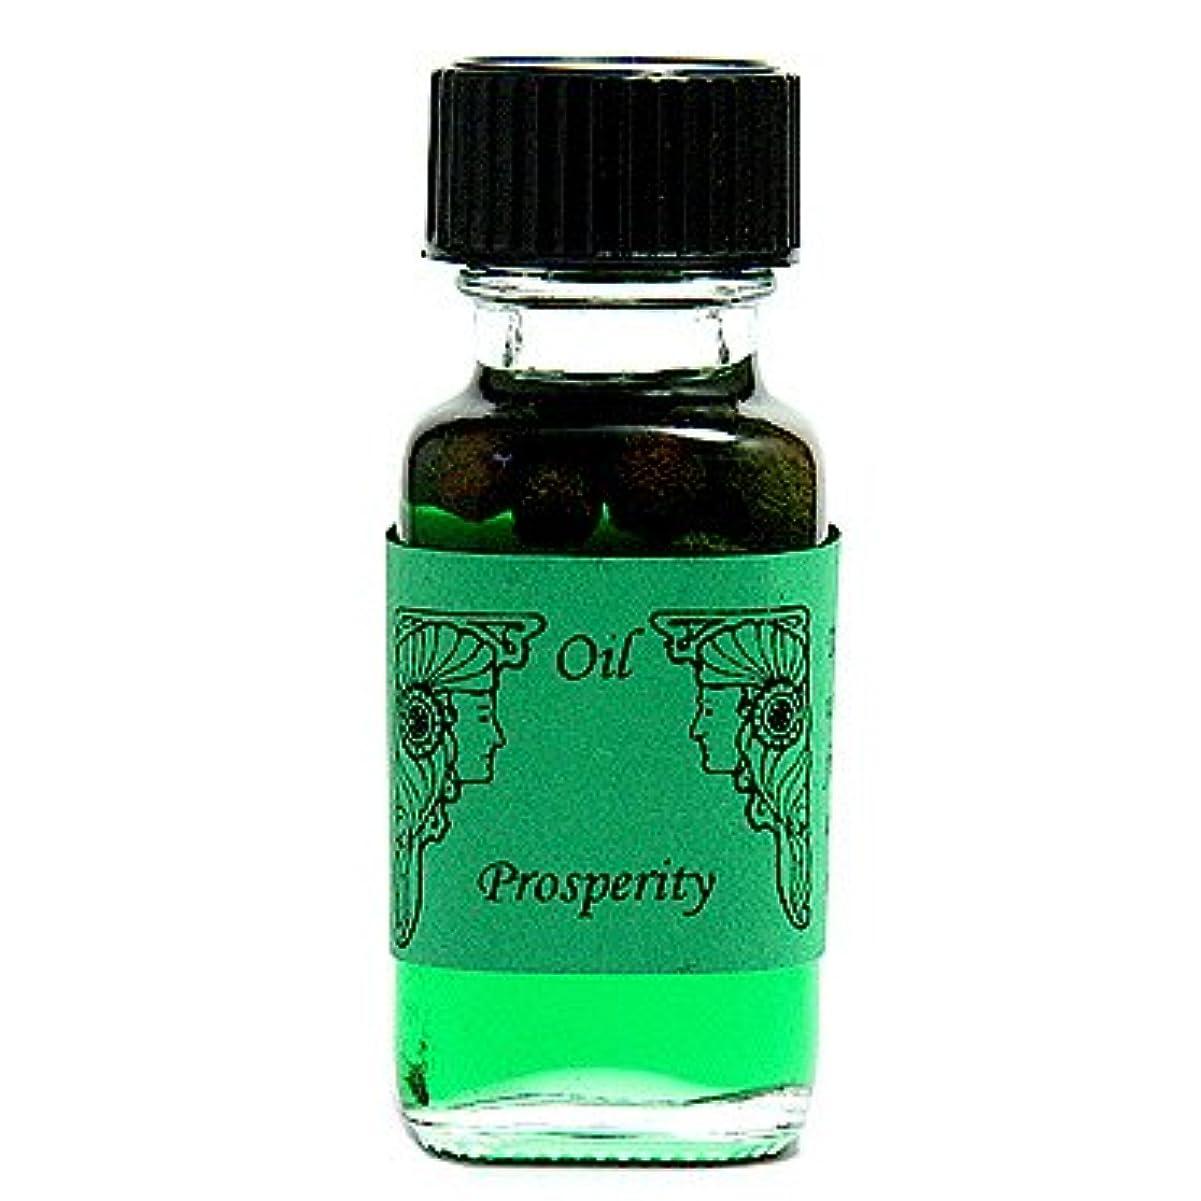 劣る消防士うまアンシェントメモリーオイル プロスペリティ (繁栄) 15ml (Ancient Memory Oils)